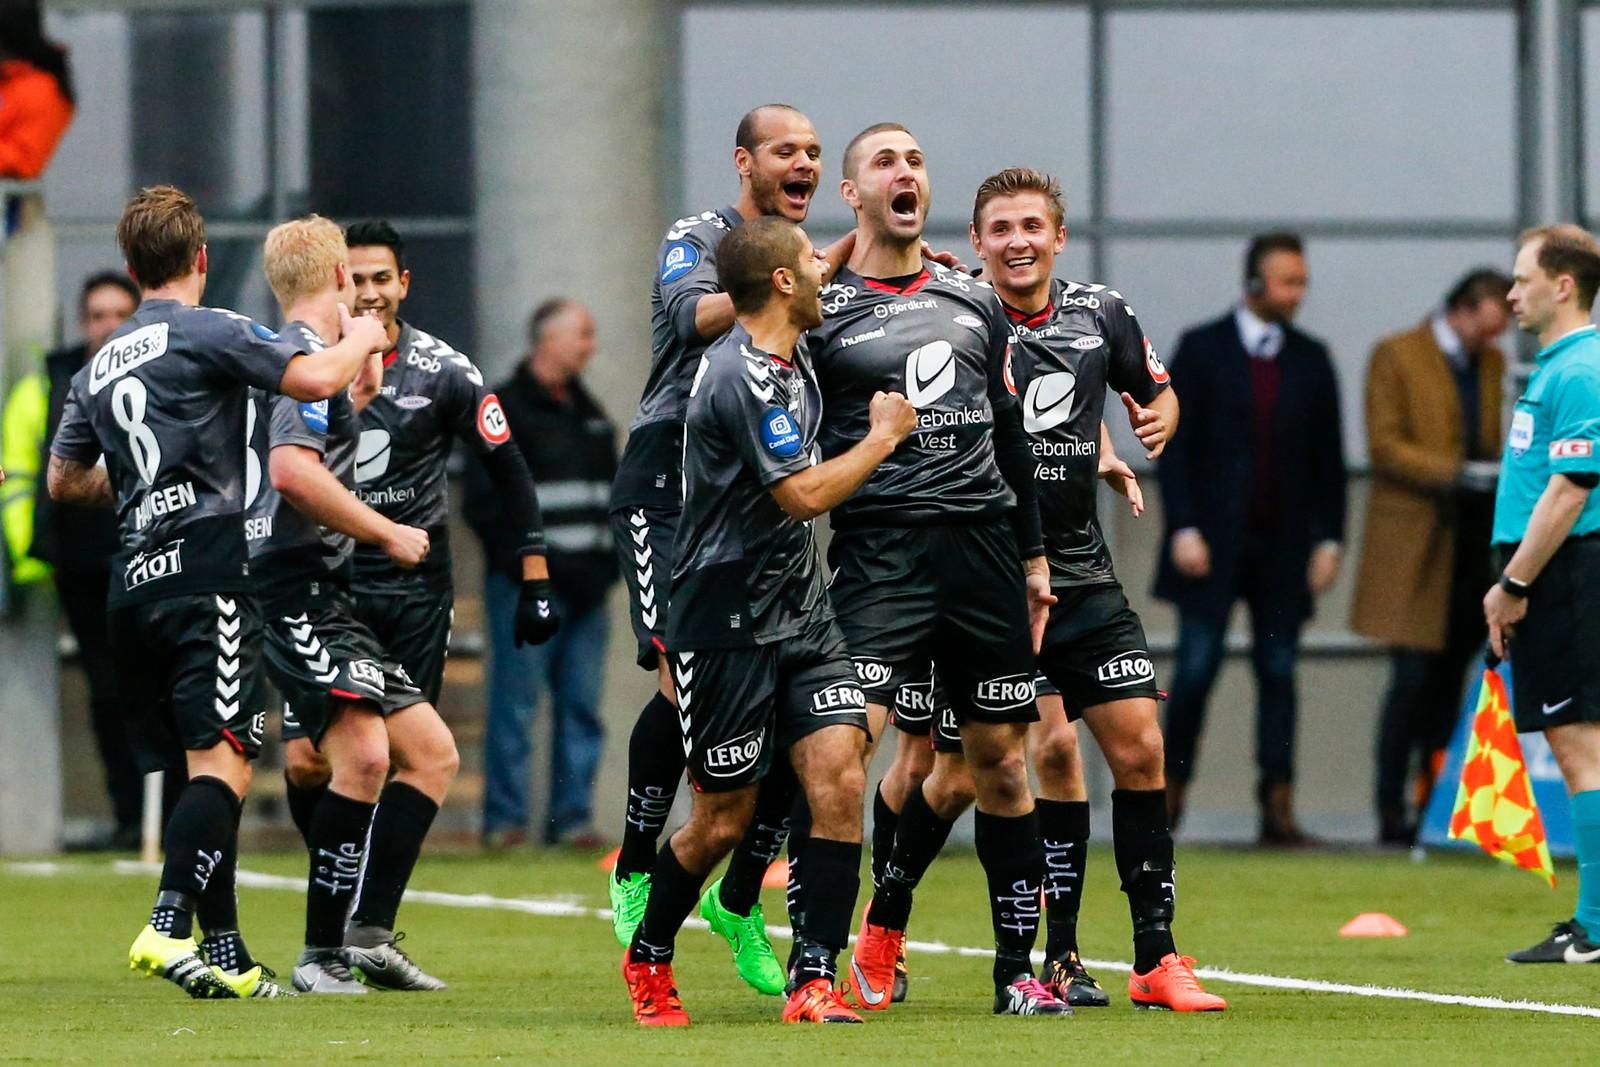 Det ble scoringsjubel også borte mot Aalesund. Karads scoret 2-1-målet da Brann slo hjemmelaget i april.